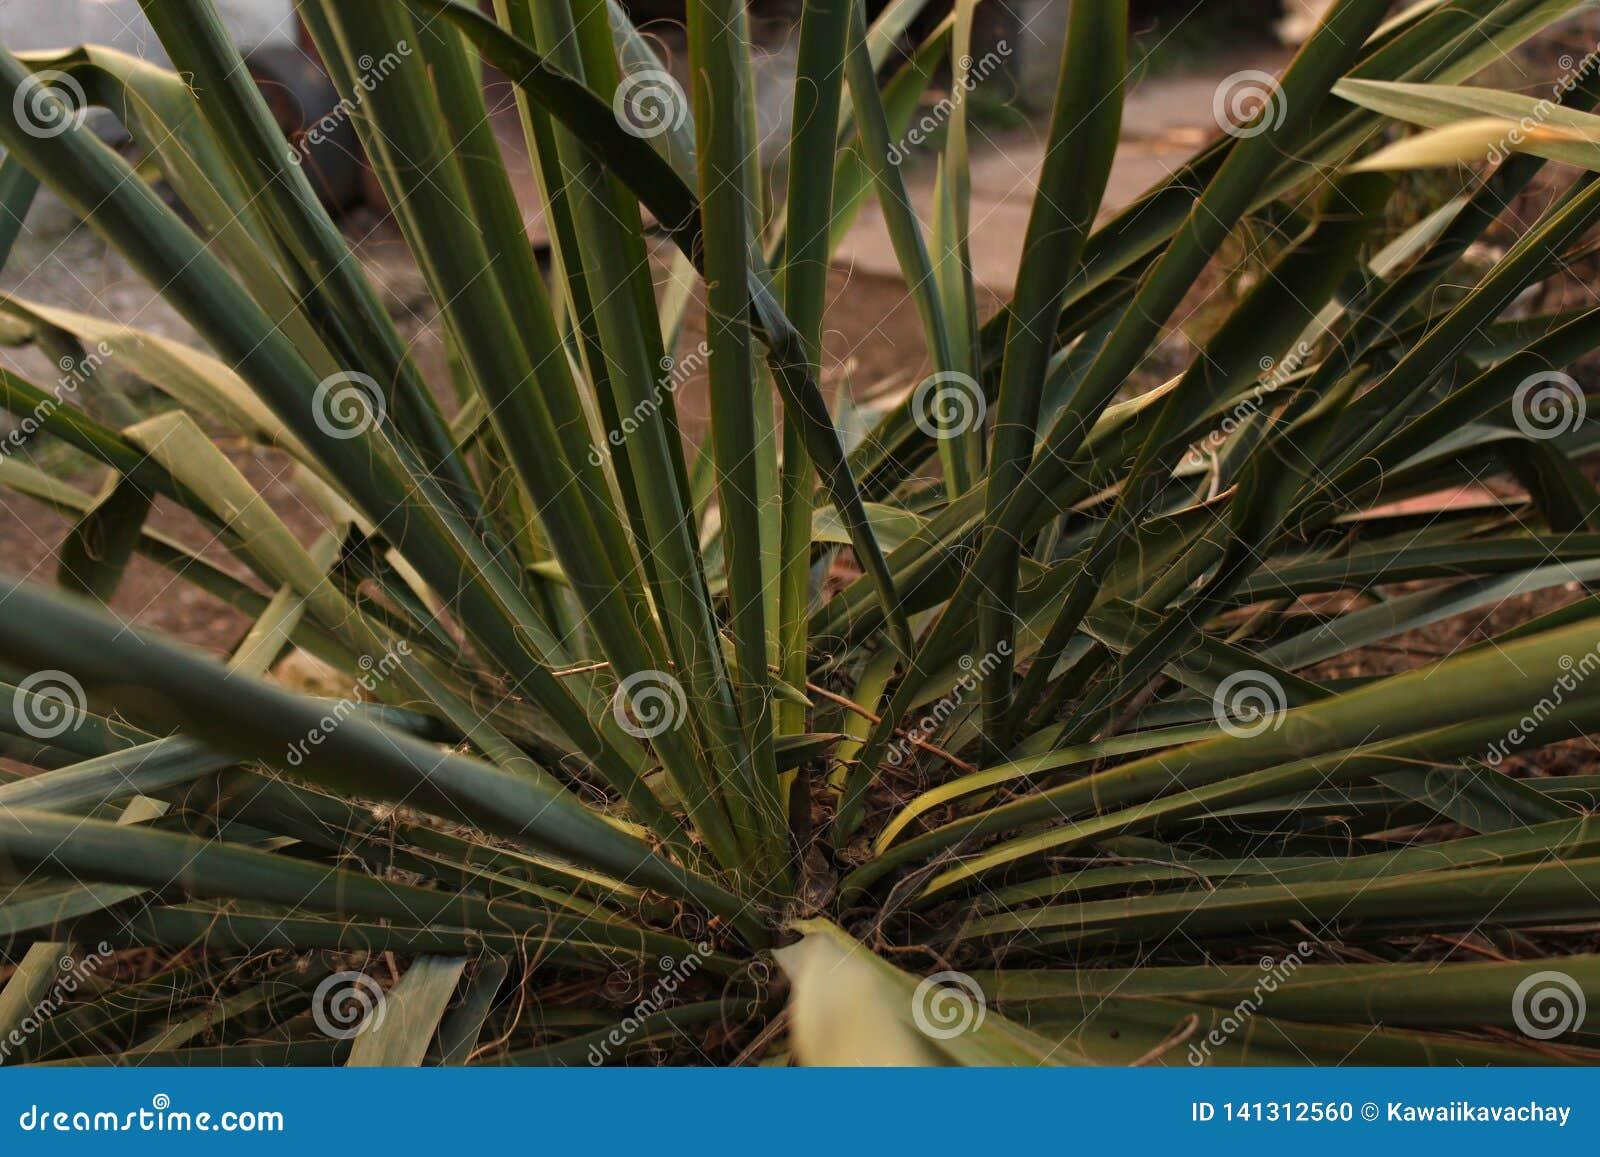 Las hojas verdes de la planta de la yuca crecen en una cama en la yarda